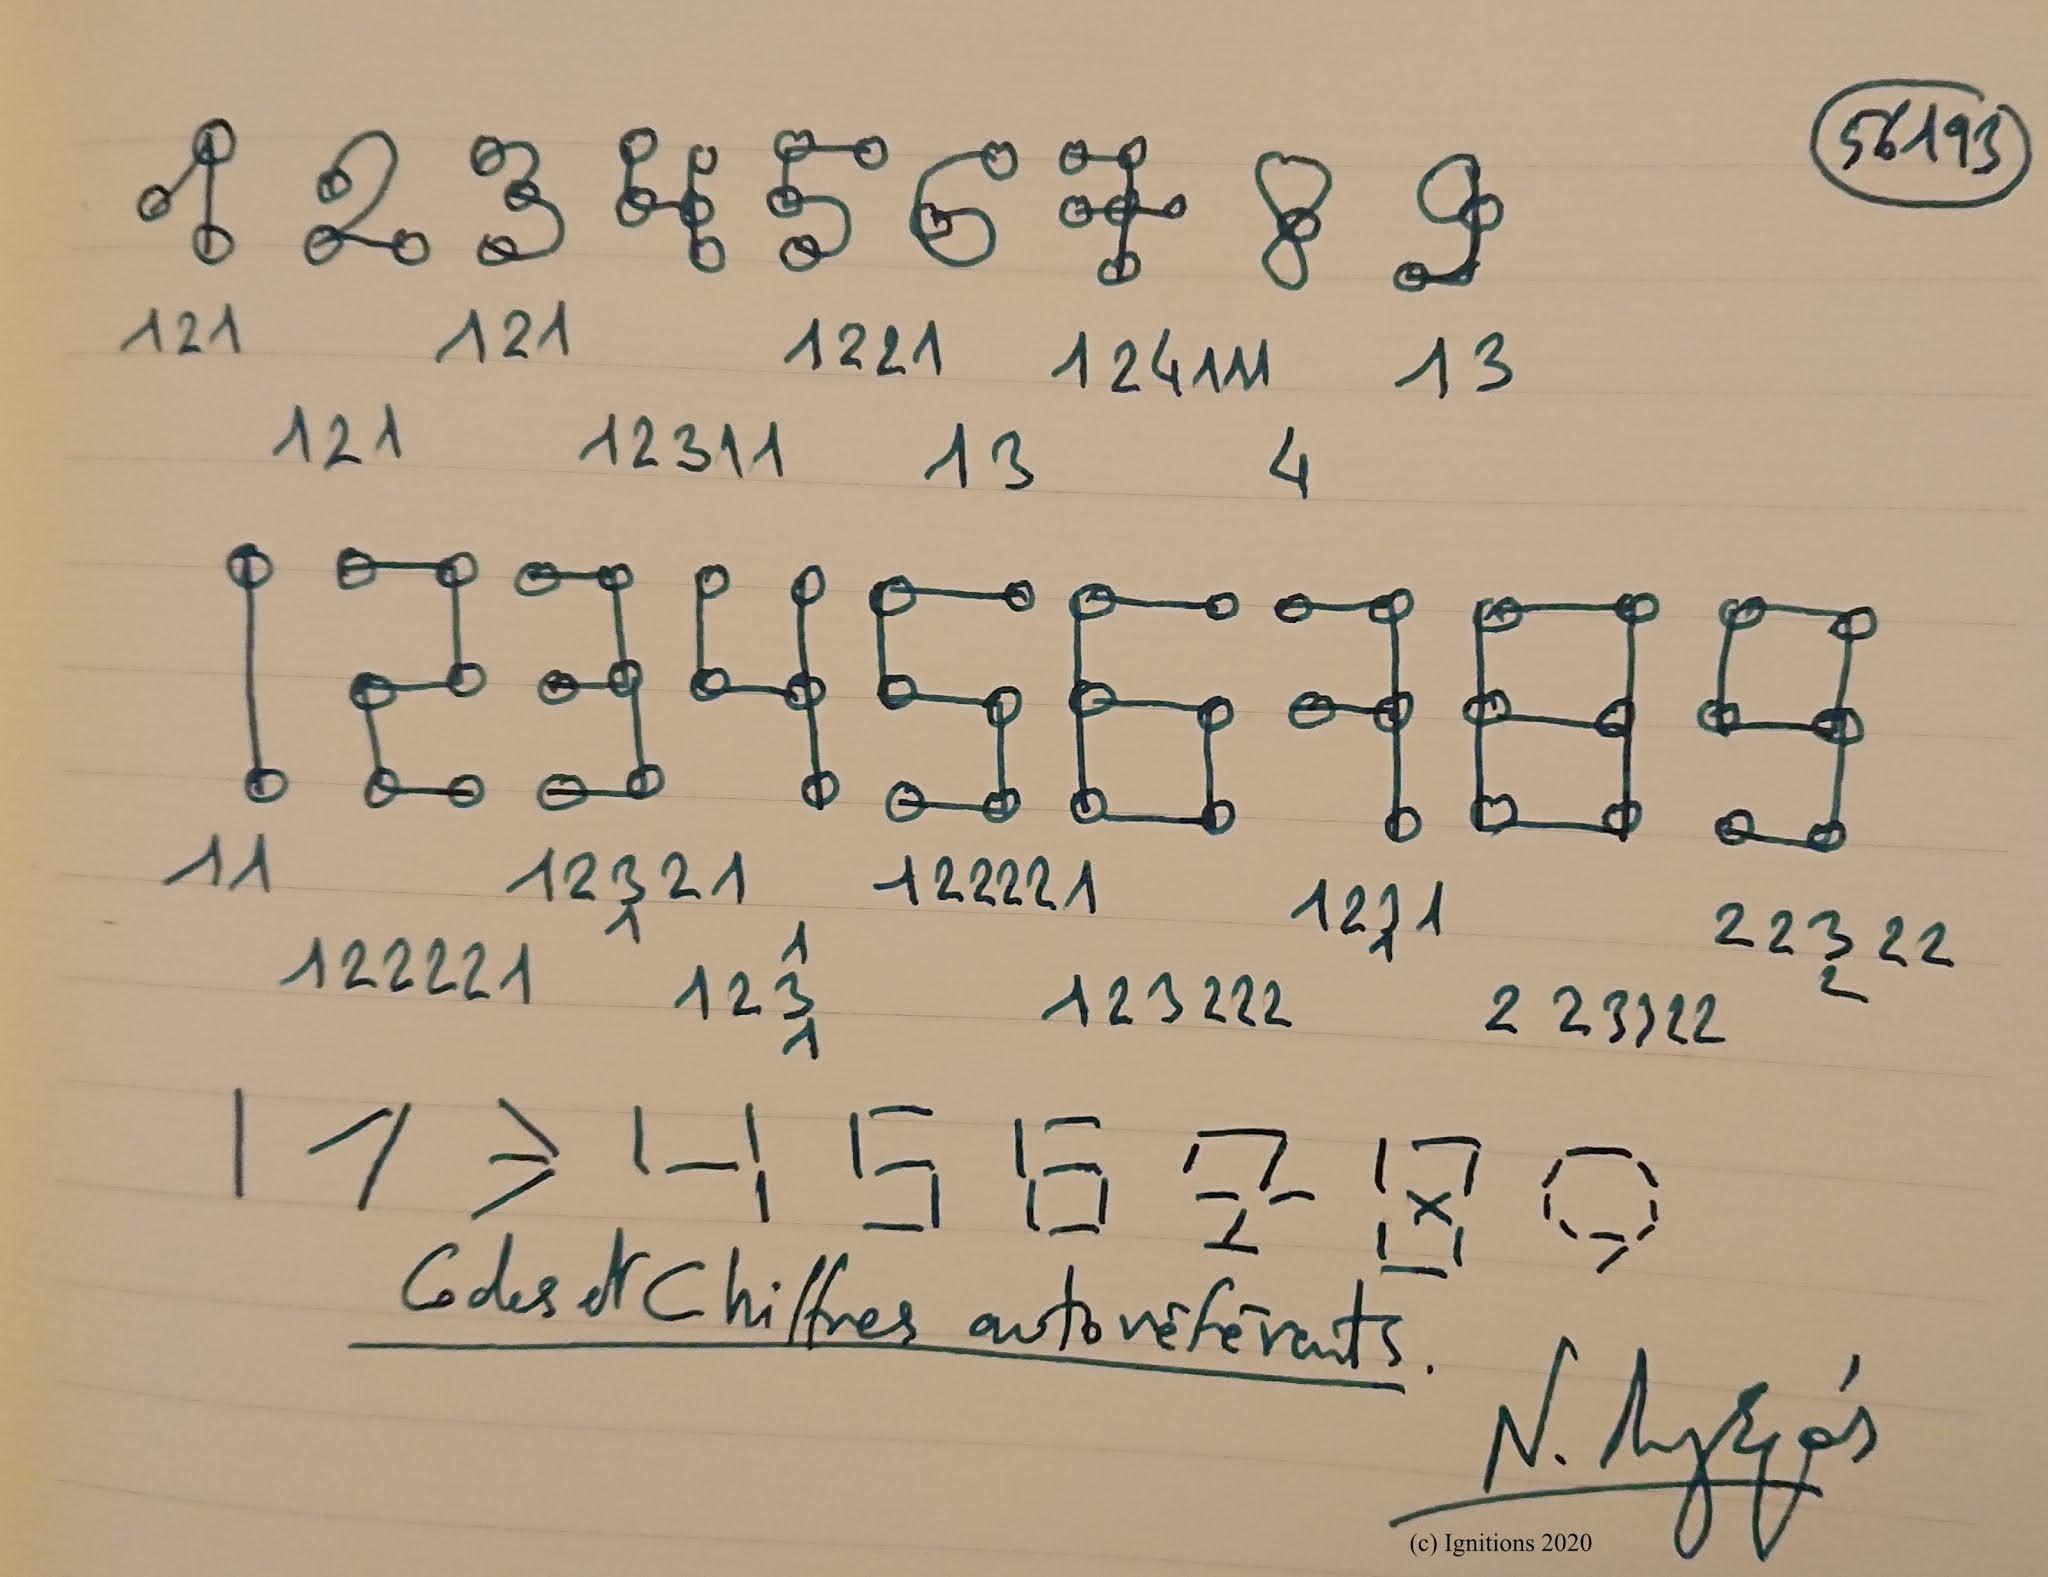 56193 - Codes et Chiffres autoréférents. (Dessin)